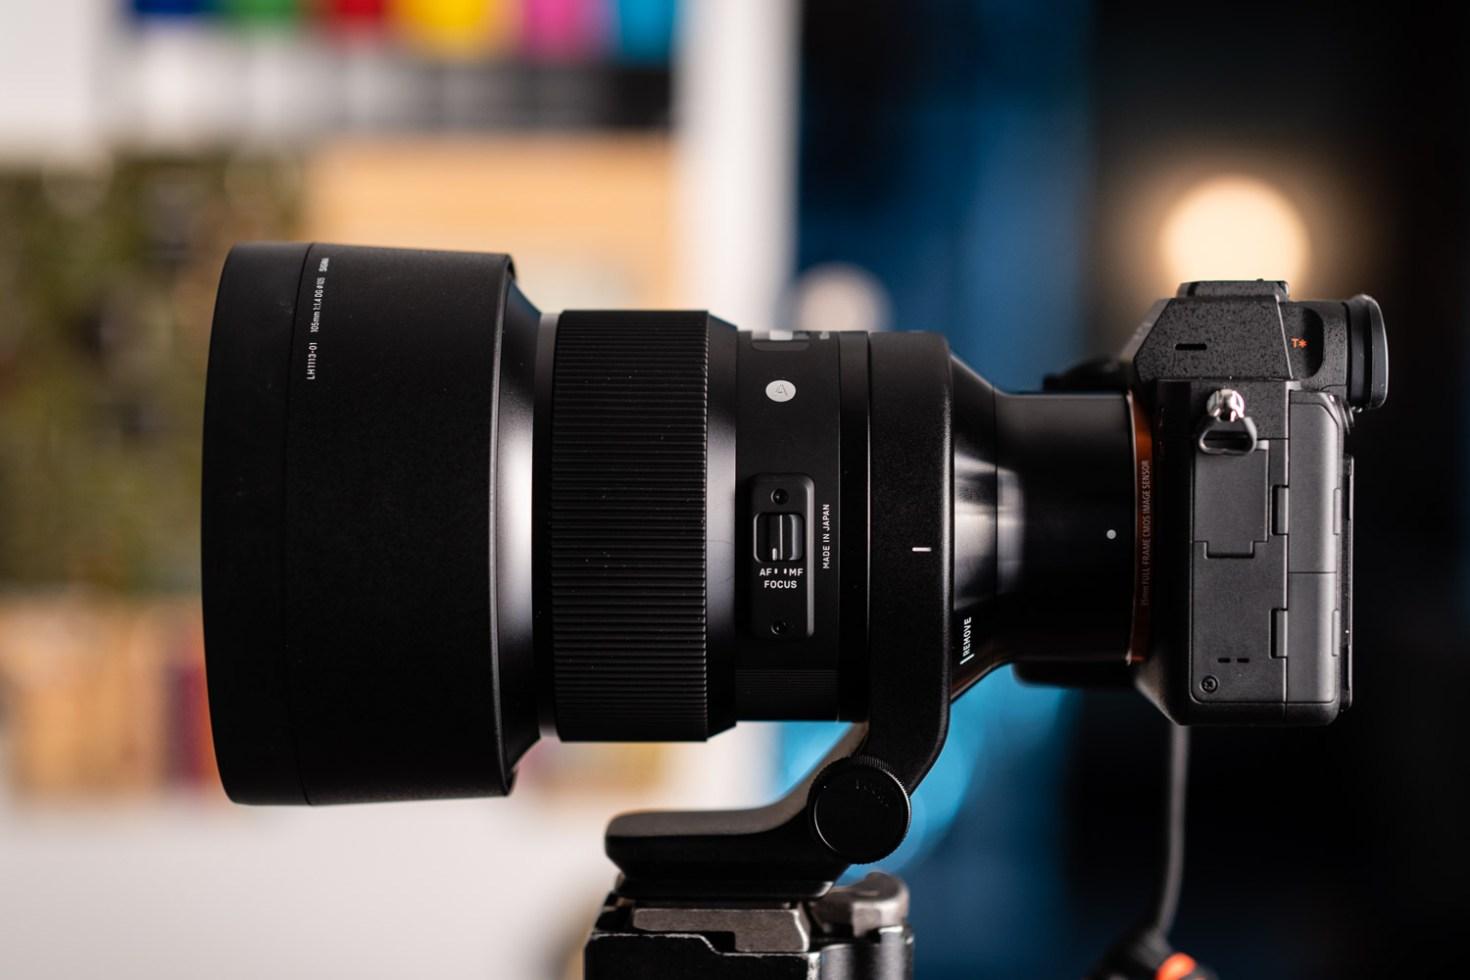 Sony A7R IV w/ Sigma 105mm f/1.4 DG Lens